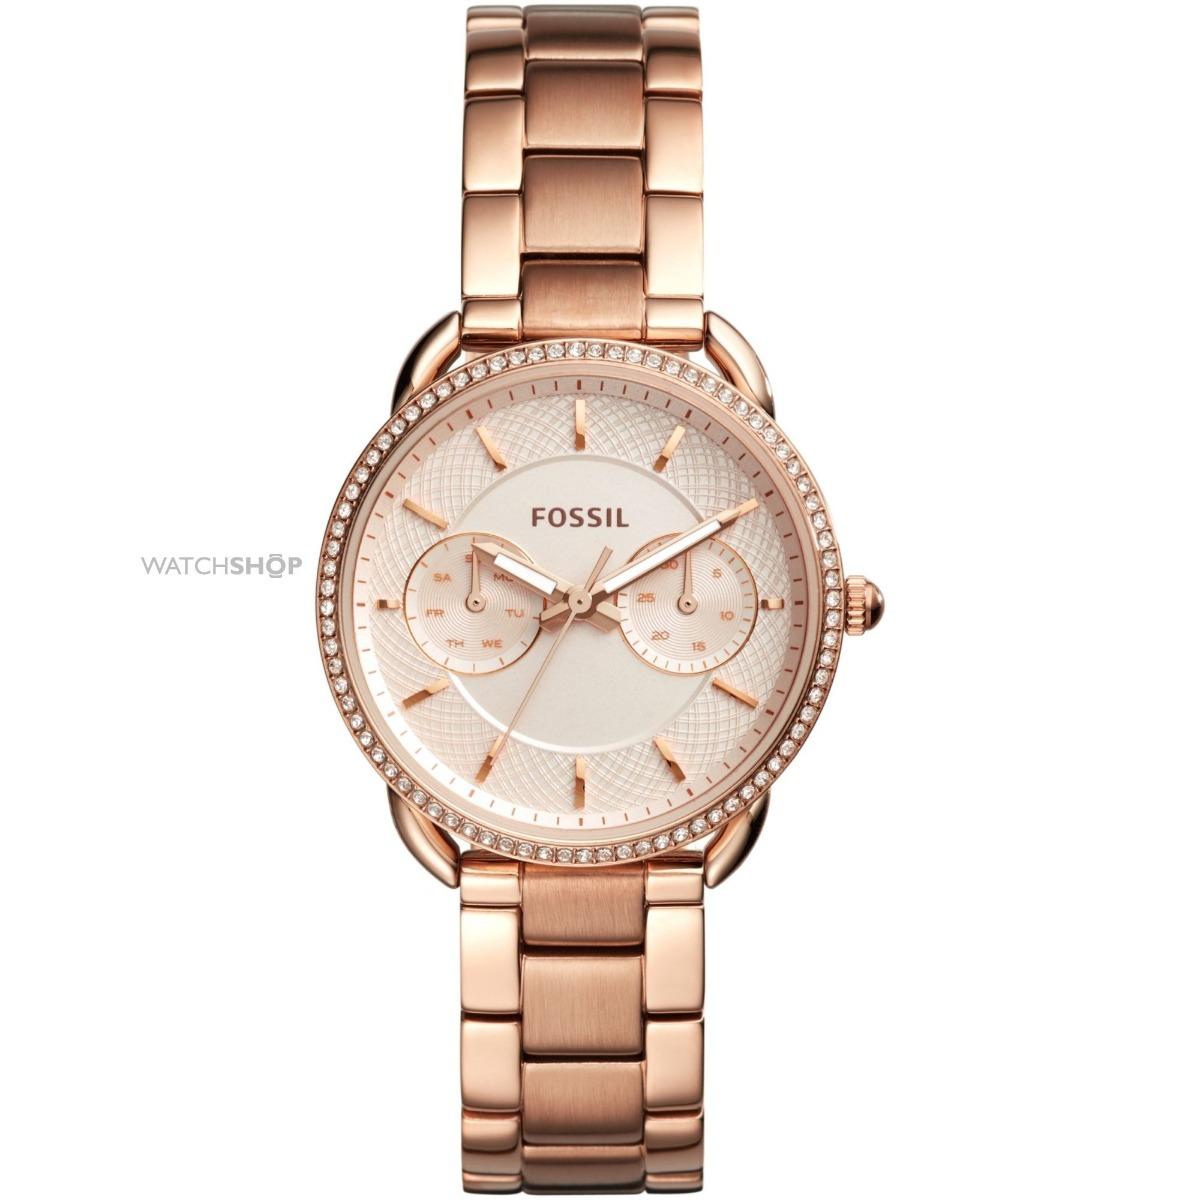 Relógio Fossil Feminino Es4264 Rose Original - R  914,00 em Mercado ... 72f9324079